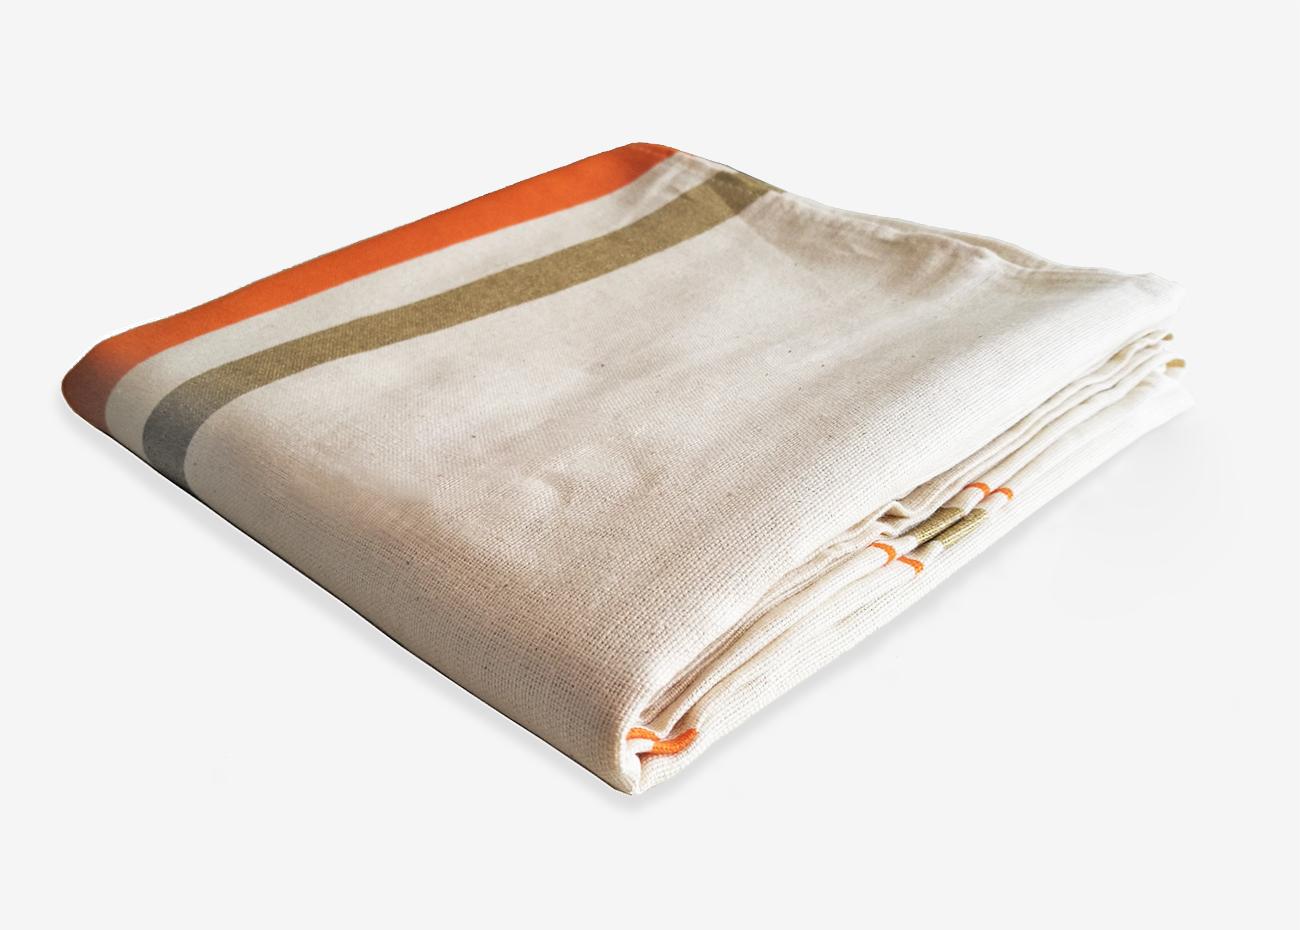 Dettaglio telo in cotone india personalizzato